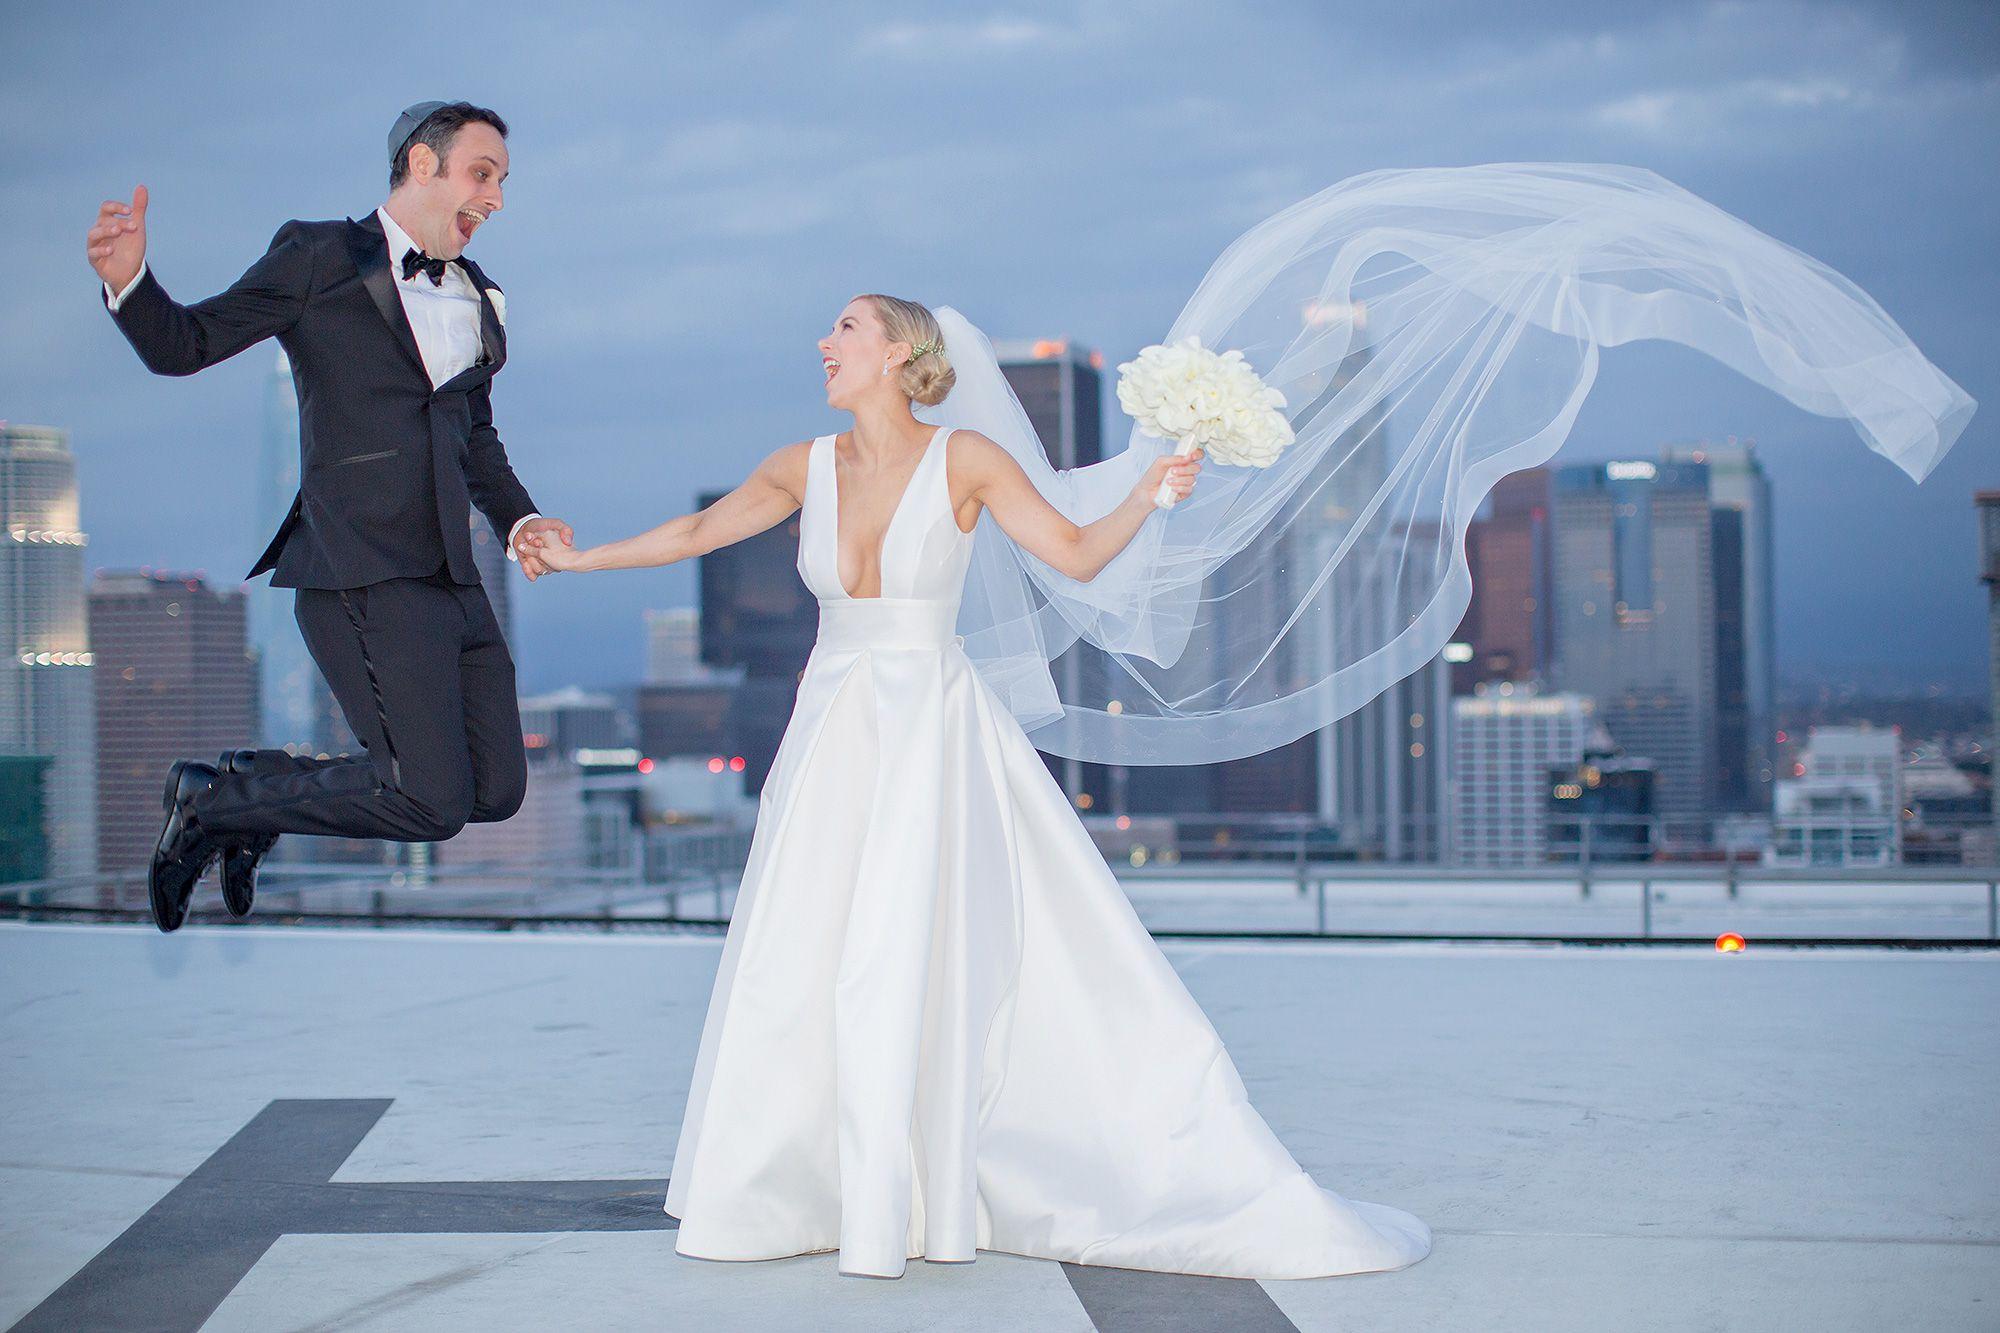 Comedian Iliza Shlesinger Marries Chef Noah Galuten  Kennedy